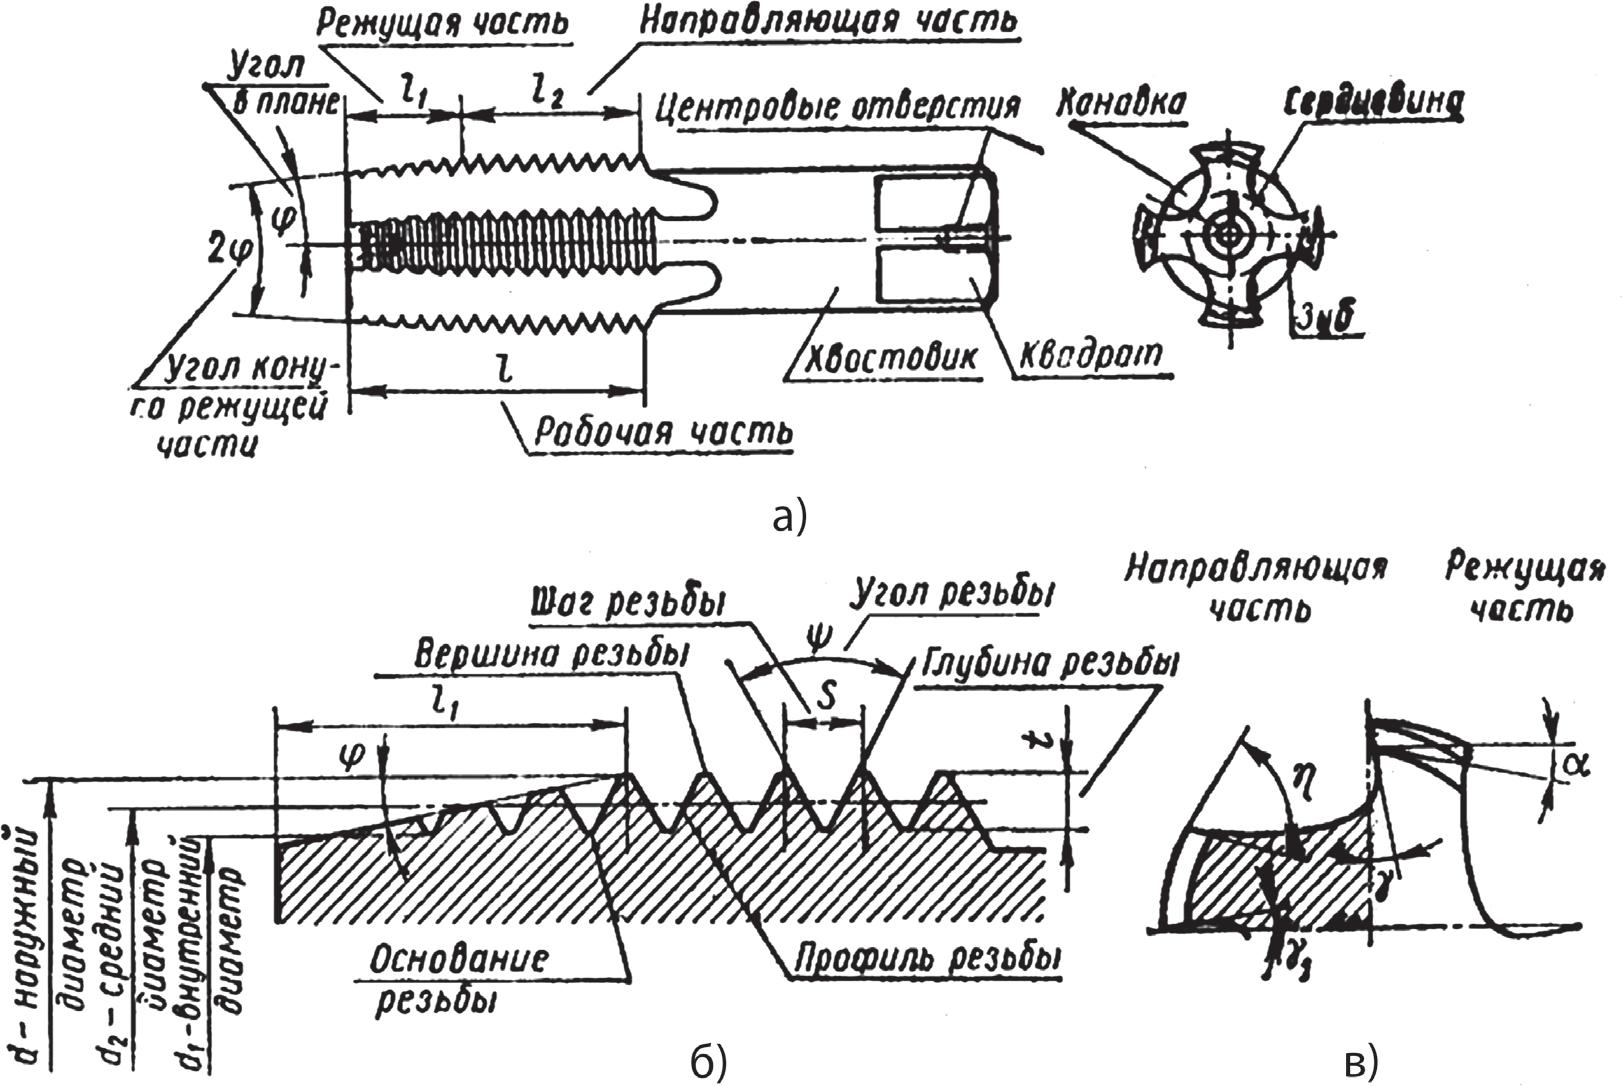 Конструктивные элементы, профиль резьбы и геометрические параметры метчика